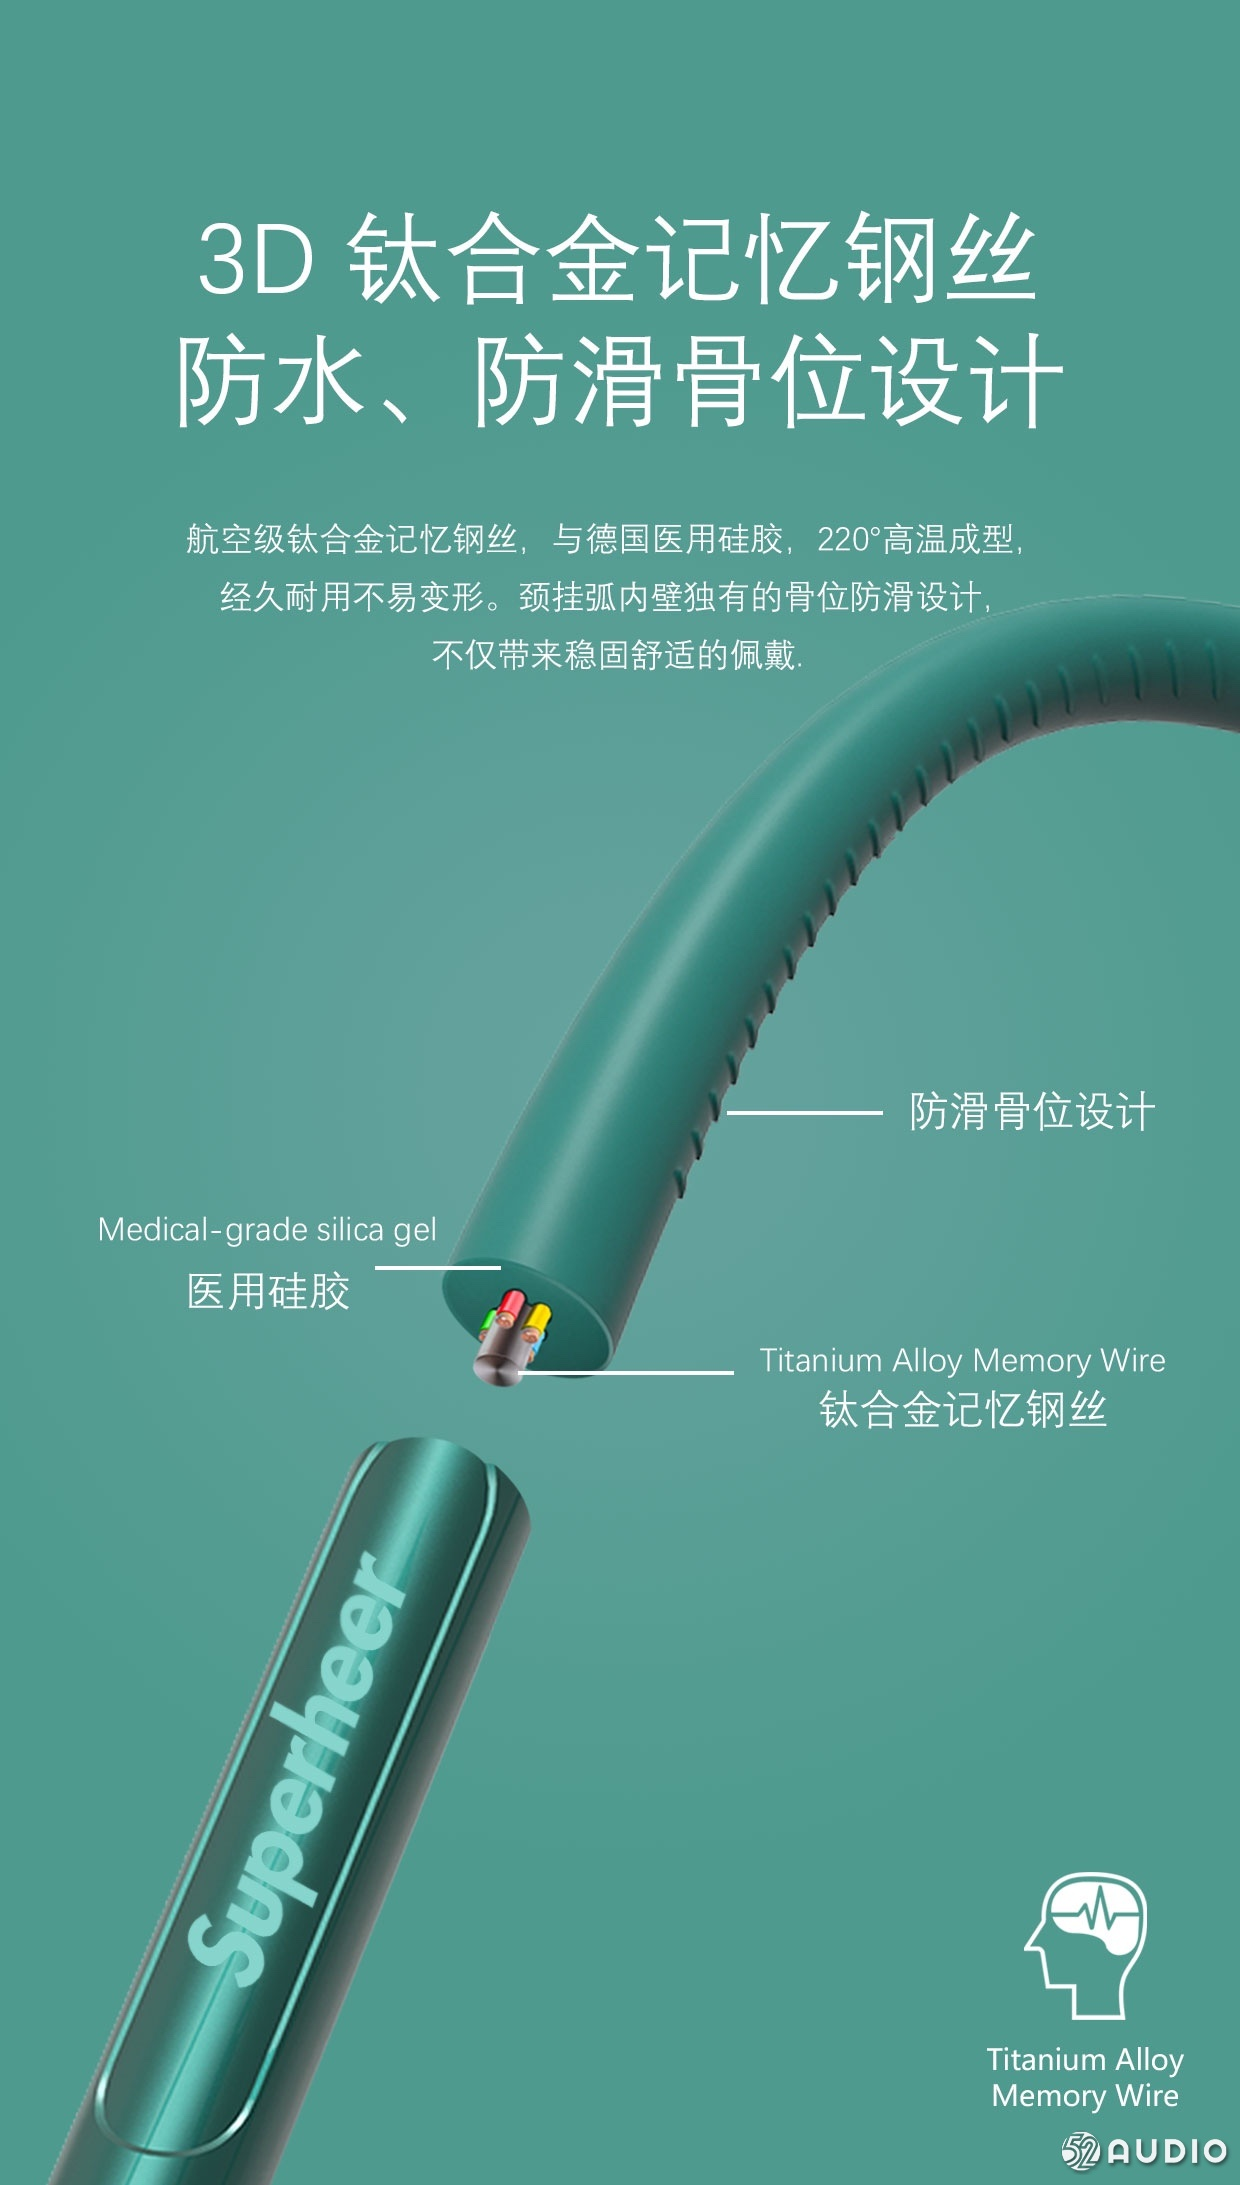 舒赫Superheer首款颈挂式无线蓝牙耳机NT3上市-我爱音频网